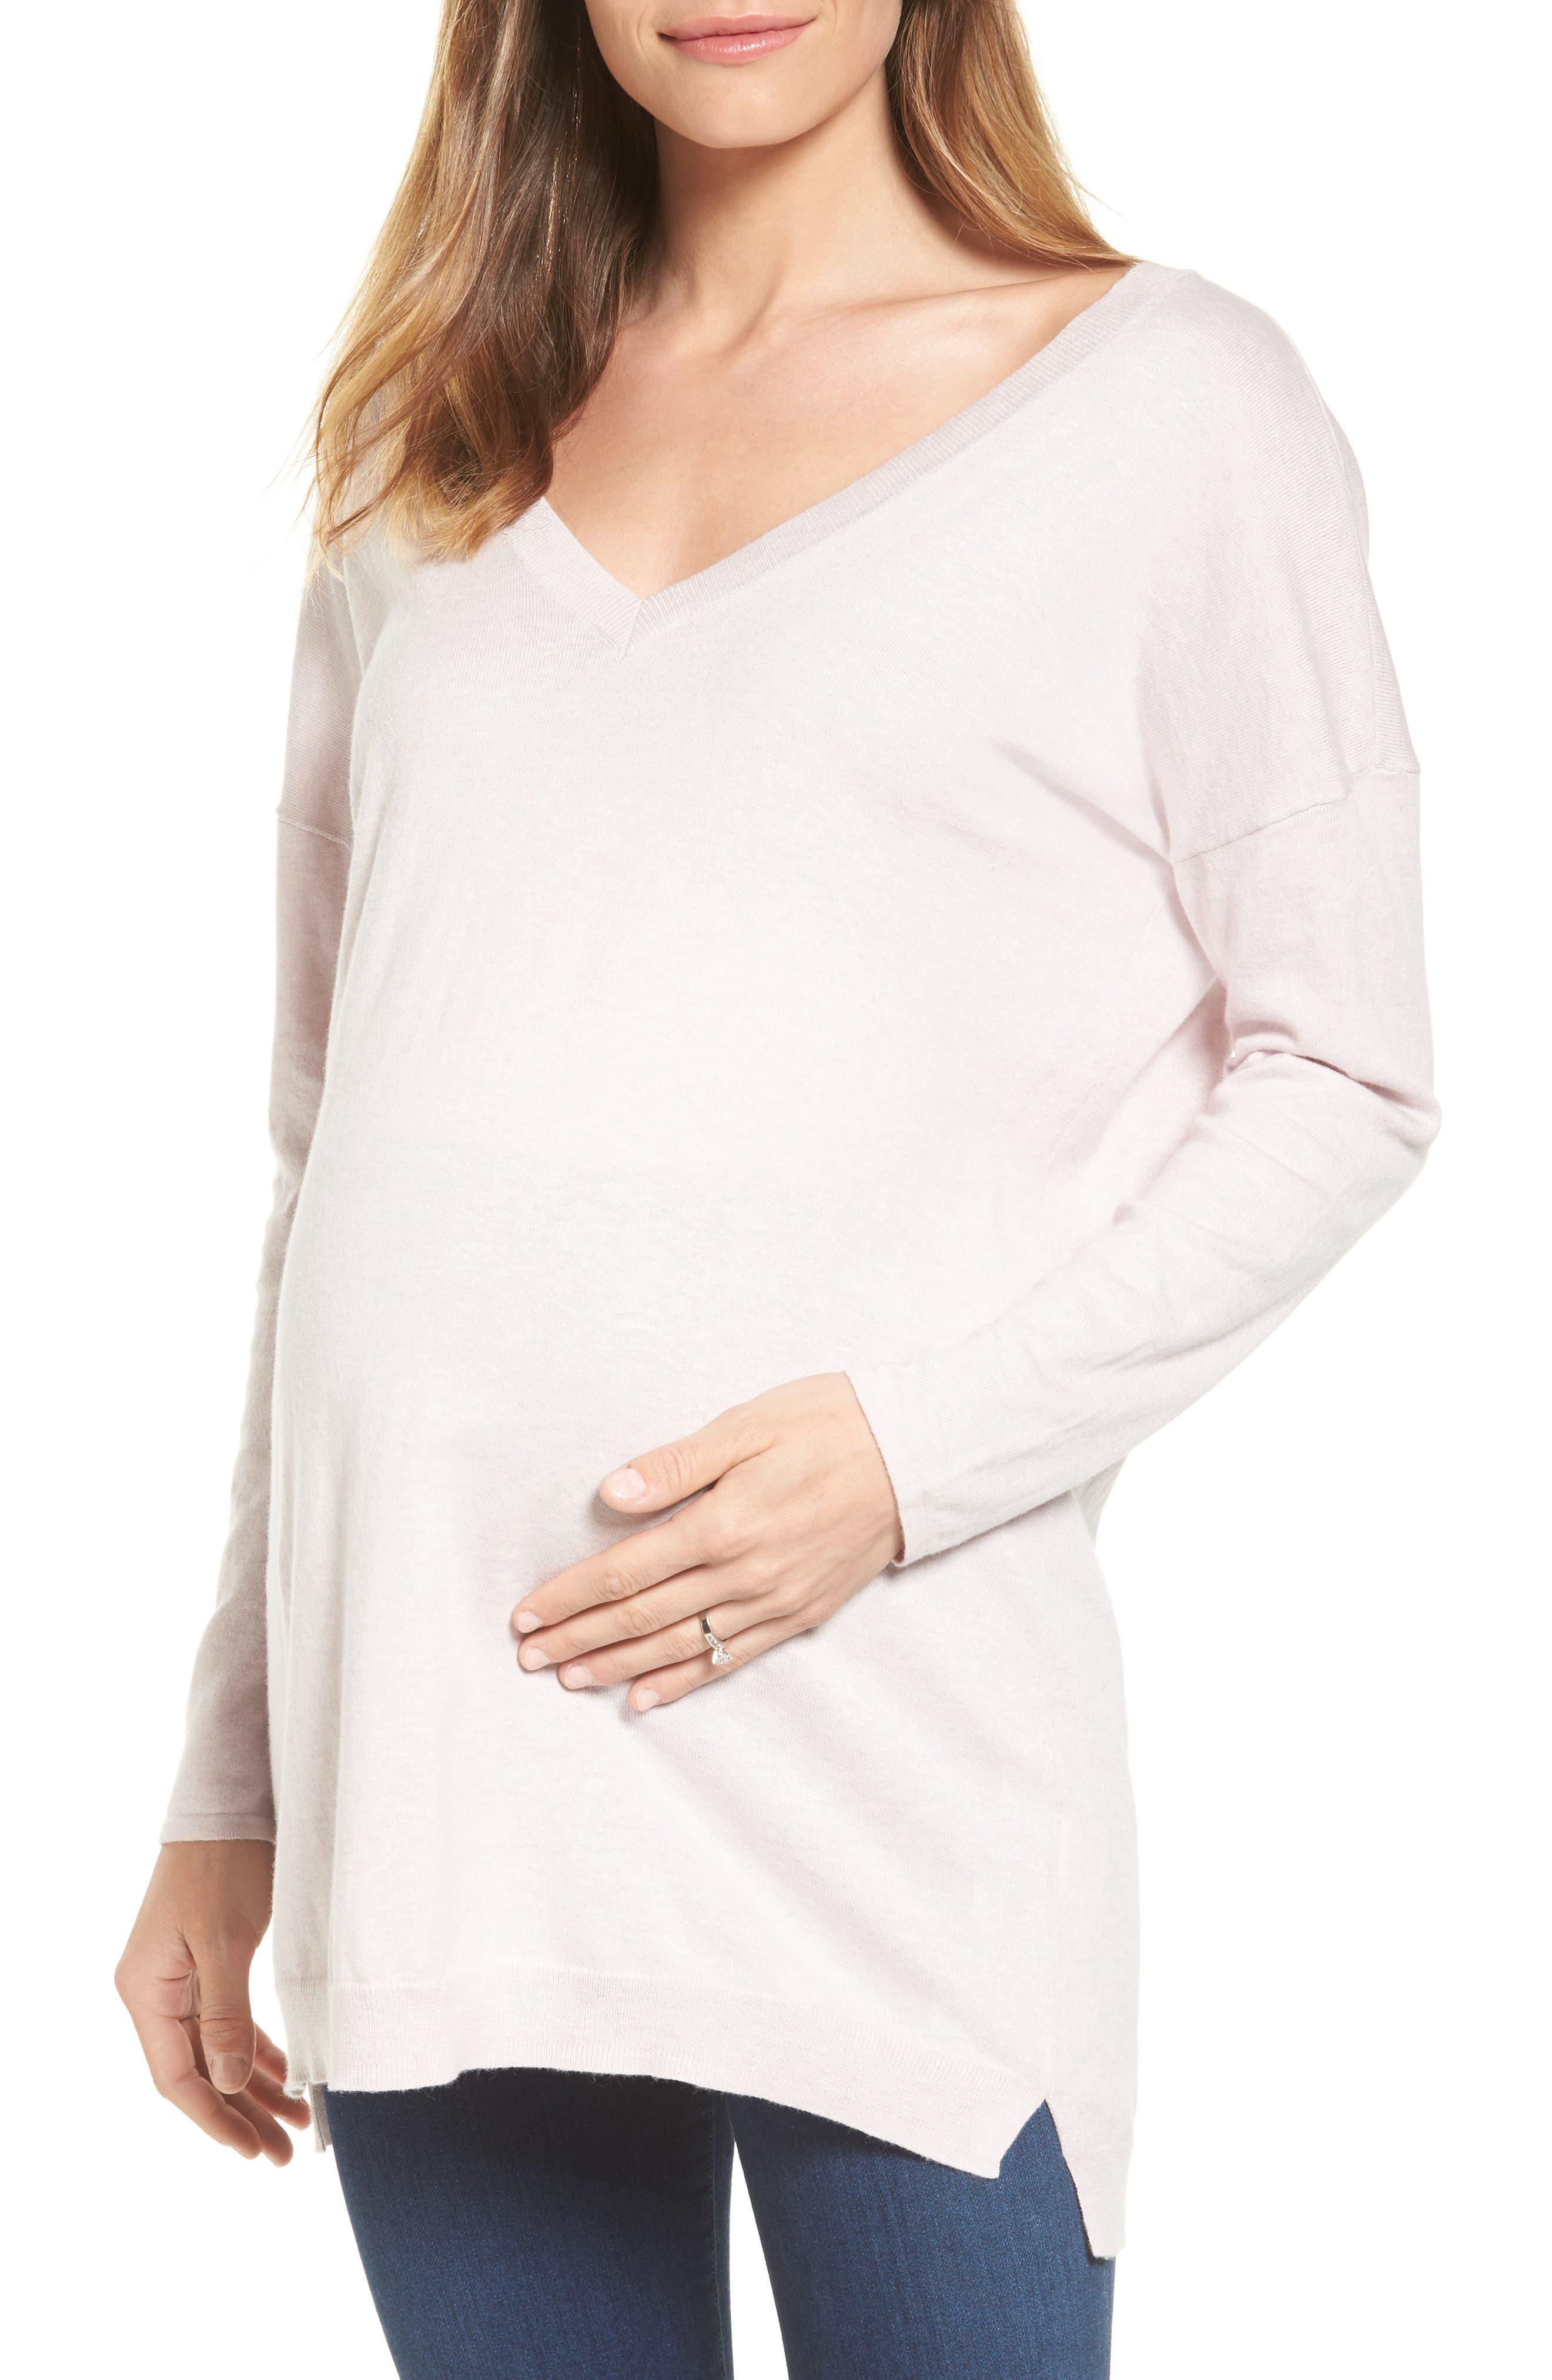 Abella Maternity Sweater,                         Main,                         color, Blush